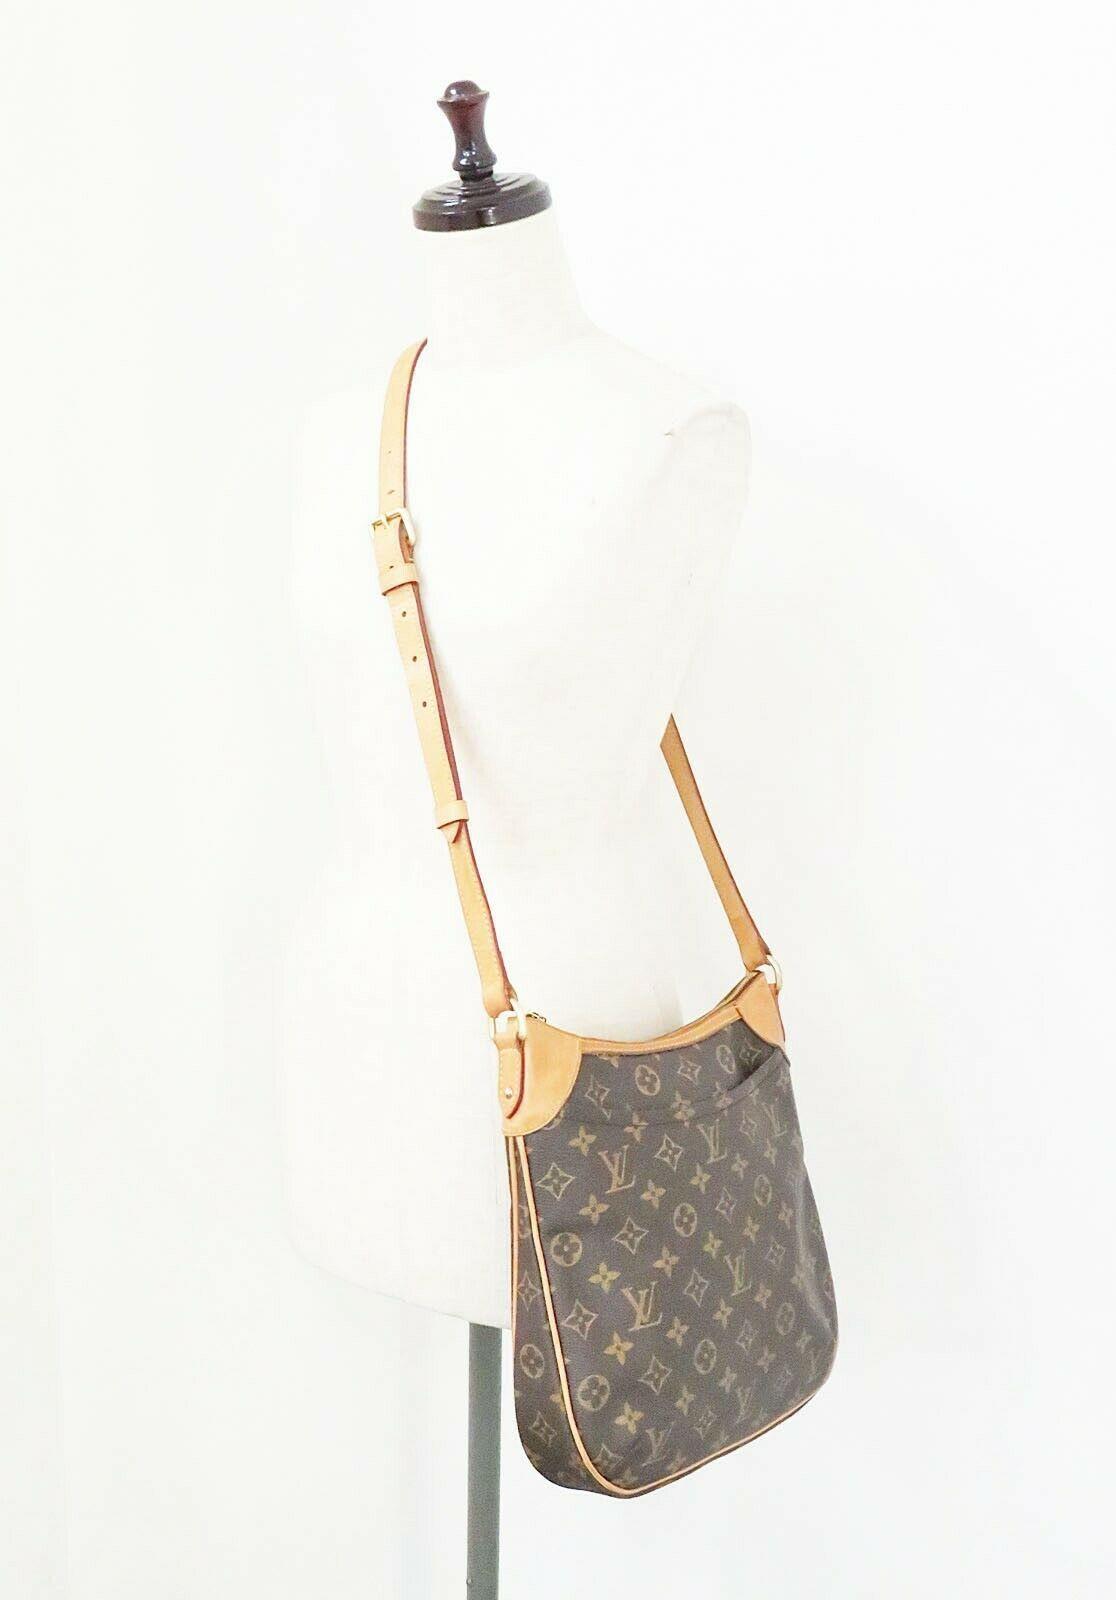 Authentic LOUIS VUITTON Odeon PM Monogram Shoulder Tote Bag Purse #32145 image 2